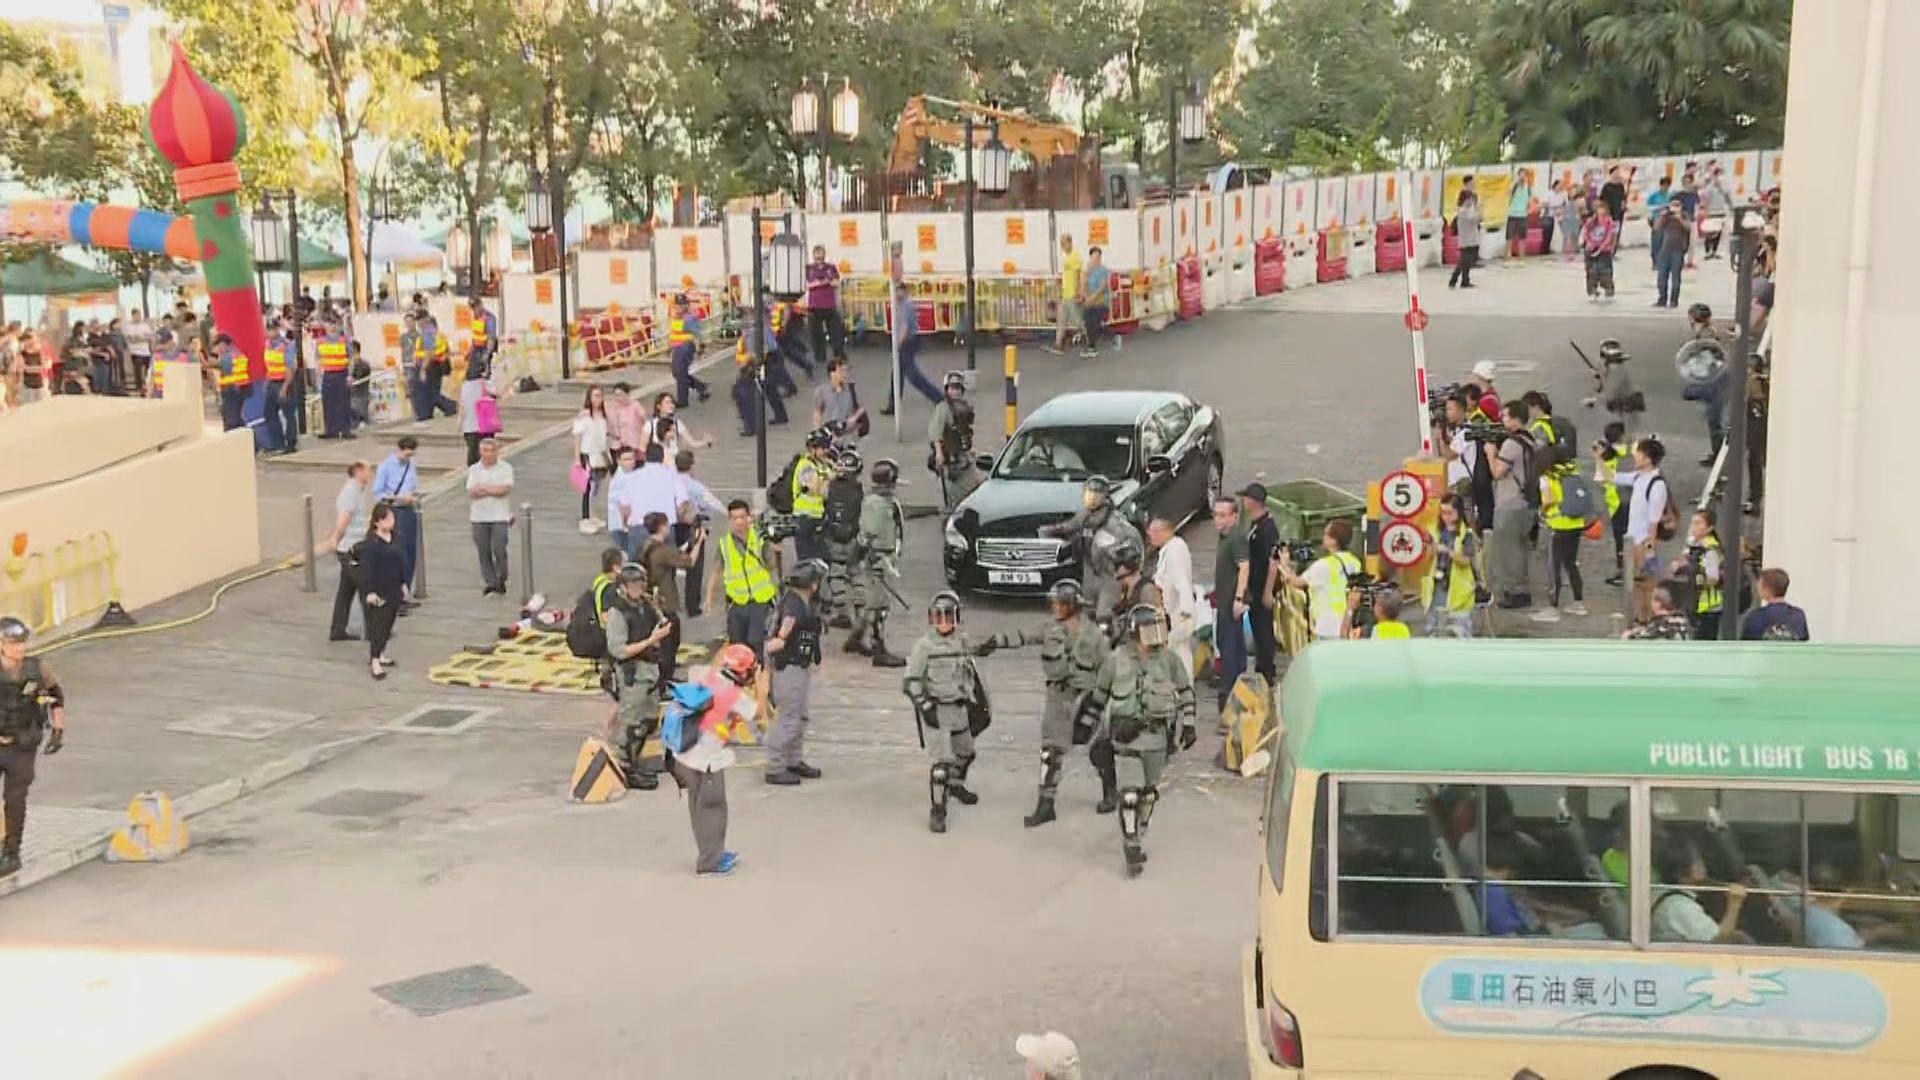 聶德權遇示威座駕被堵 防暴警察護送離開